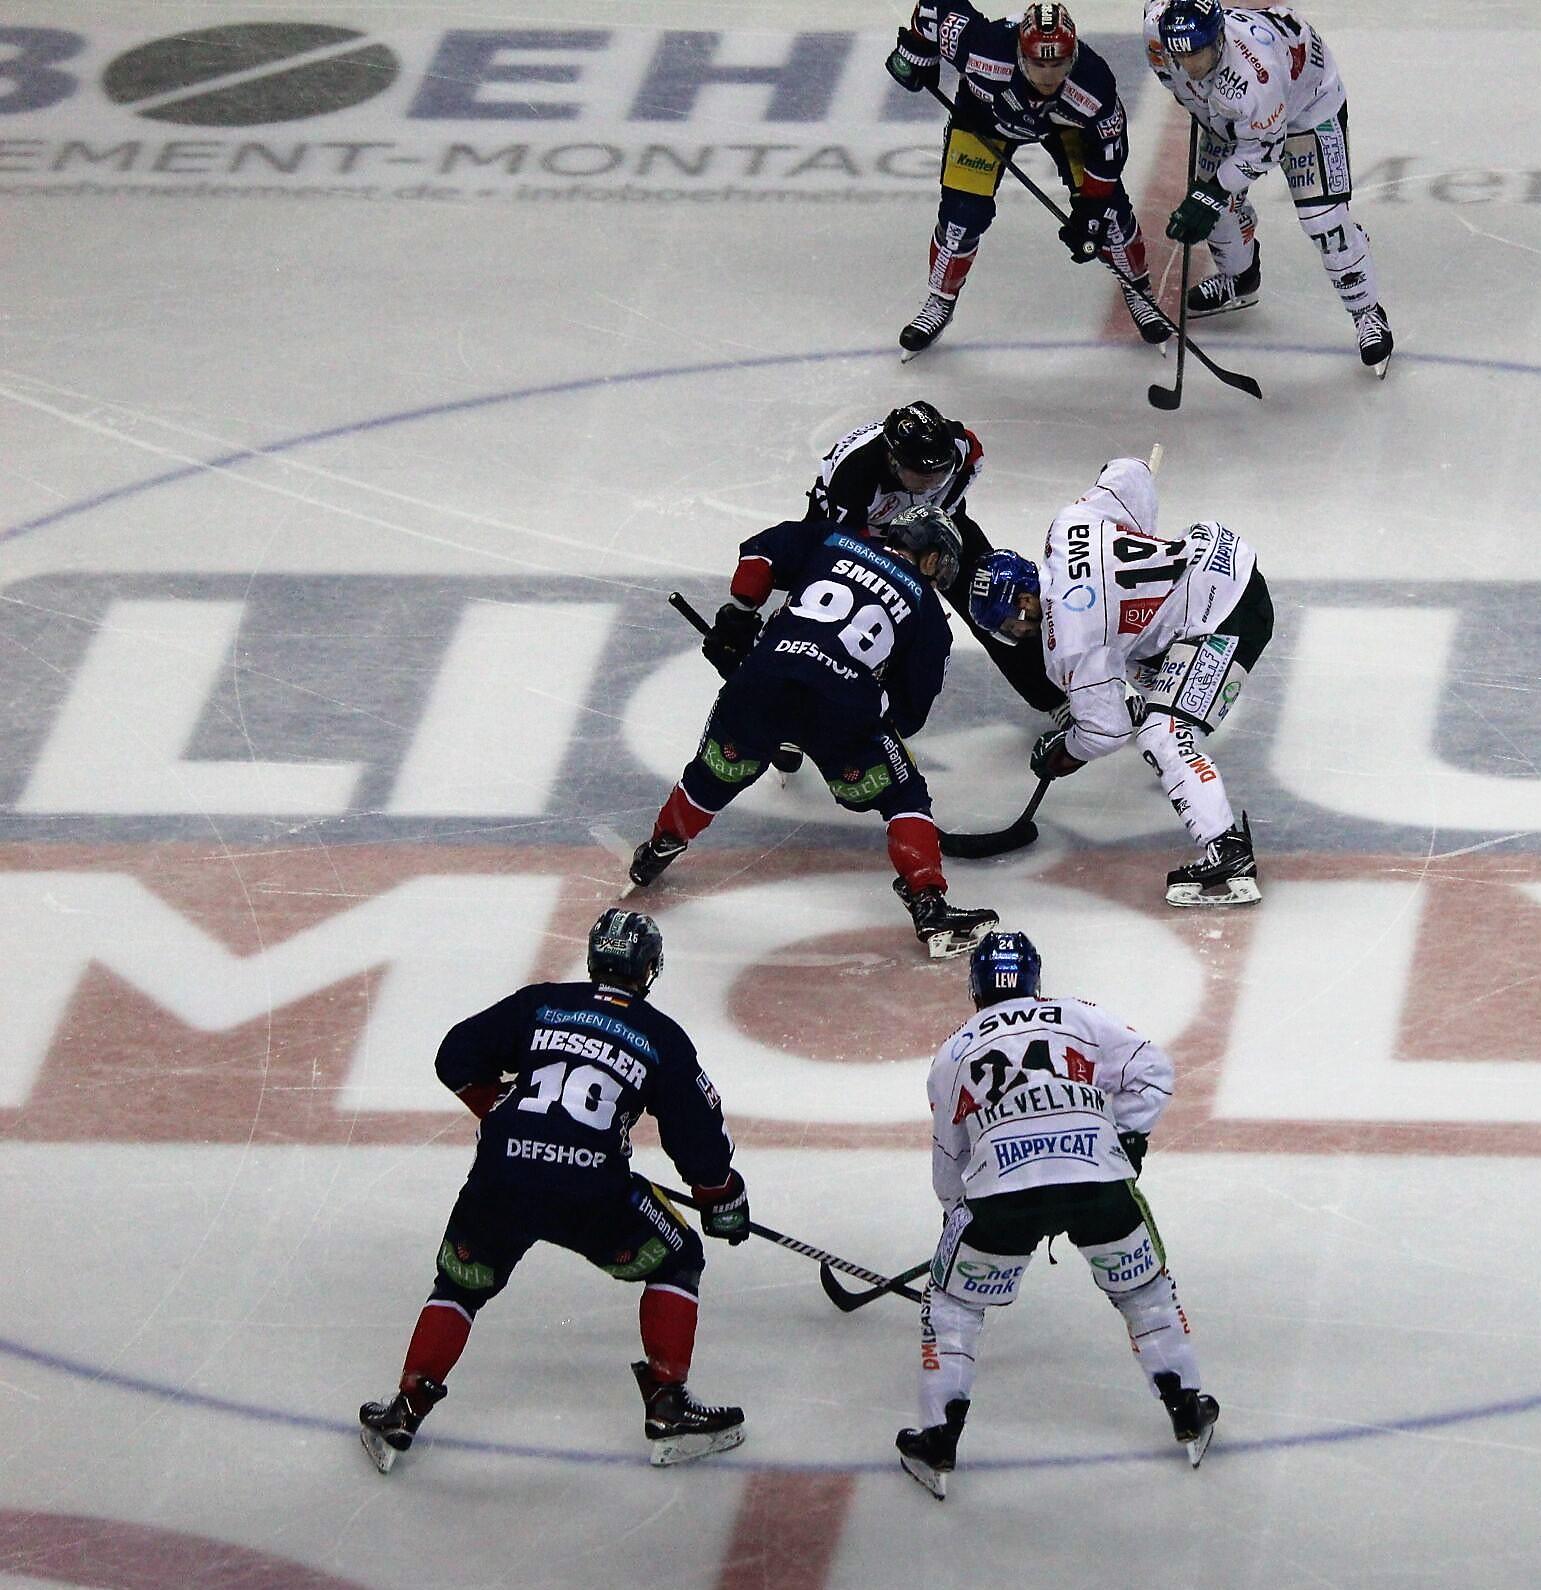 Eisbären verlieren gegen Augsburg und rutschen weiter ab